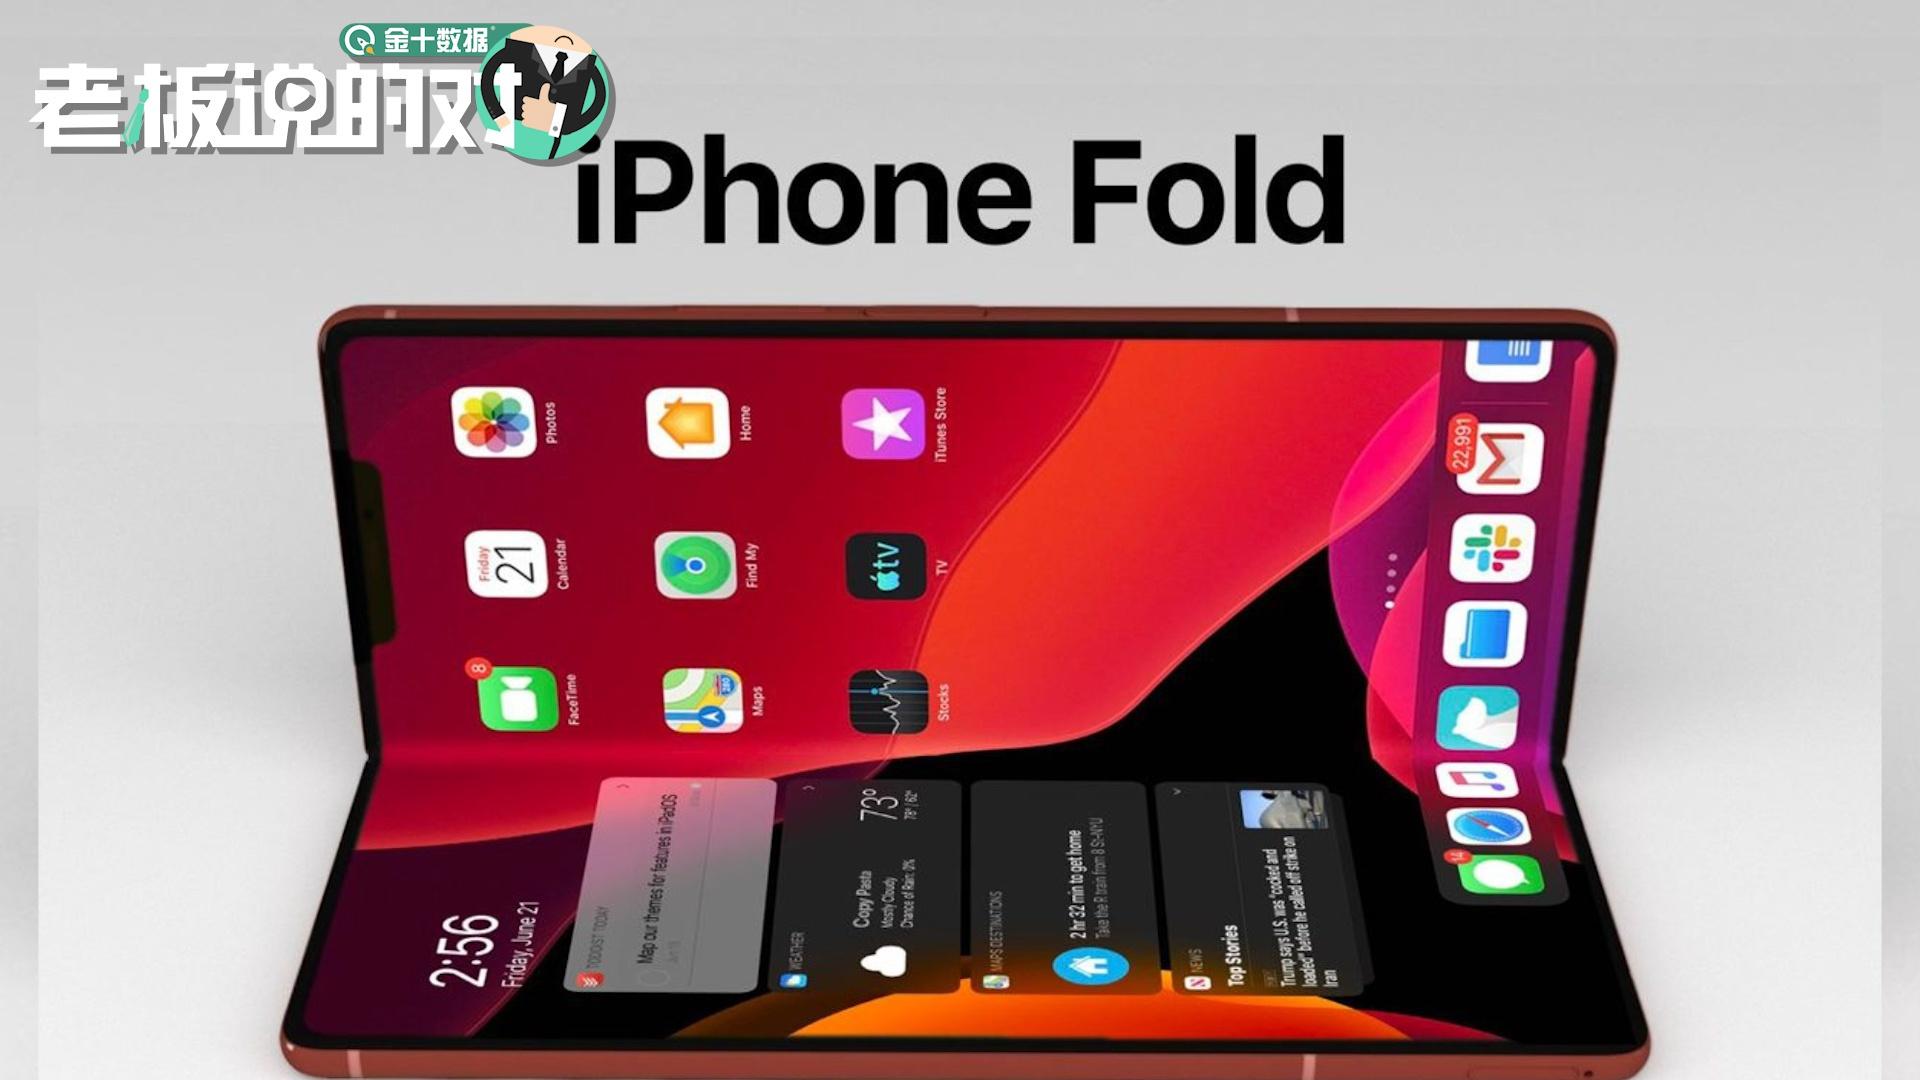 折叠屏iphone或于2022年问世!起步价超万元,样品已送富士康测试